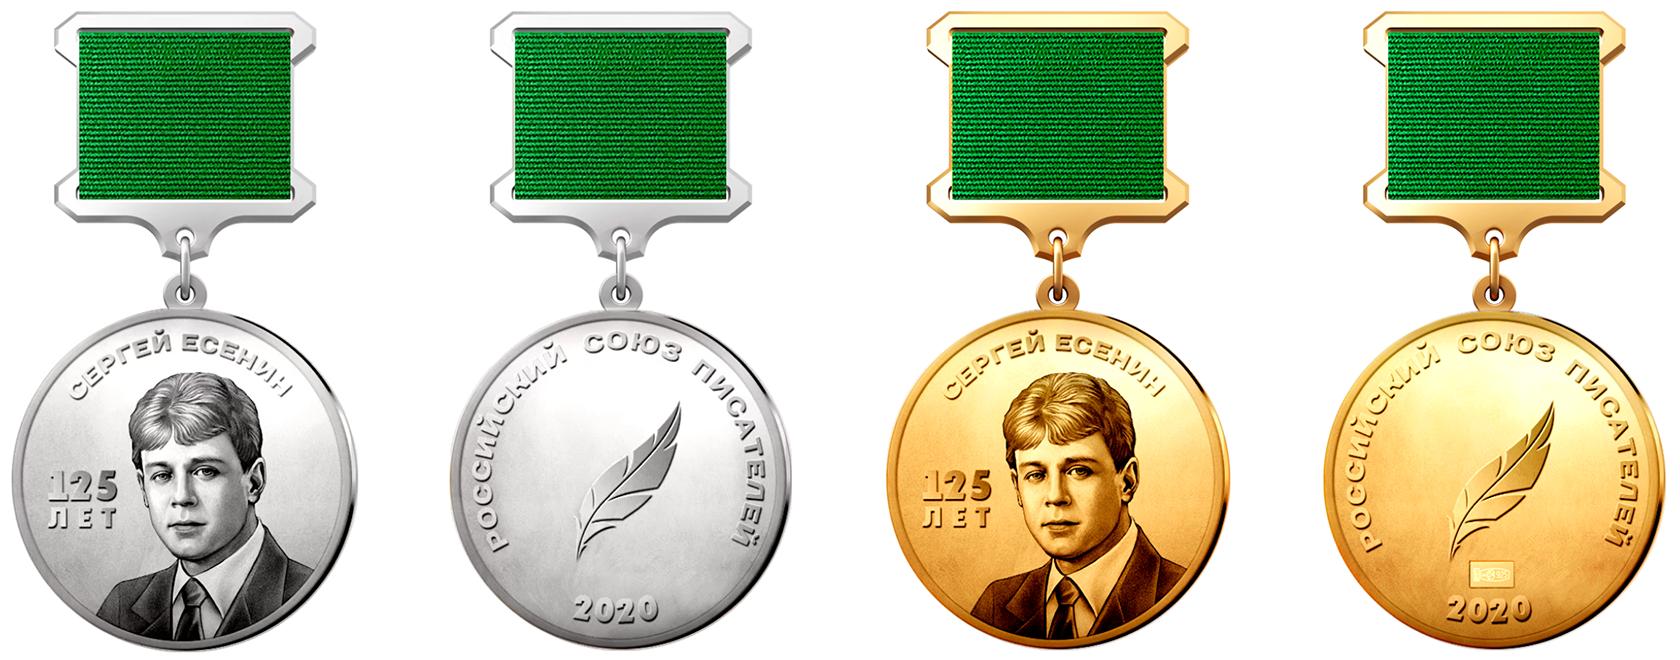 Медаль «Сергей Есенин 125 лет»